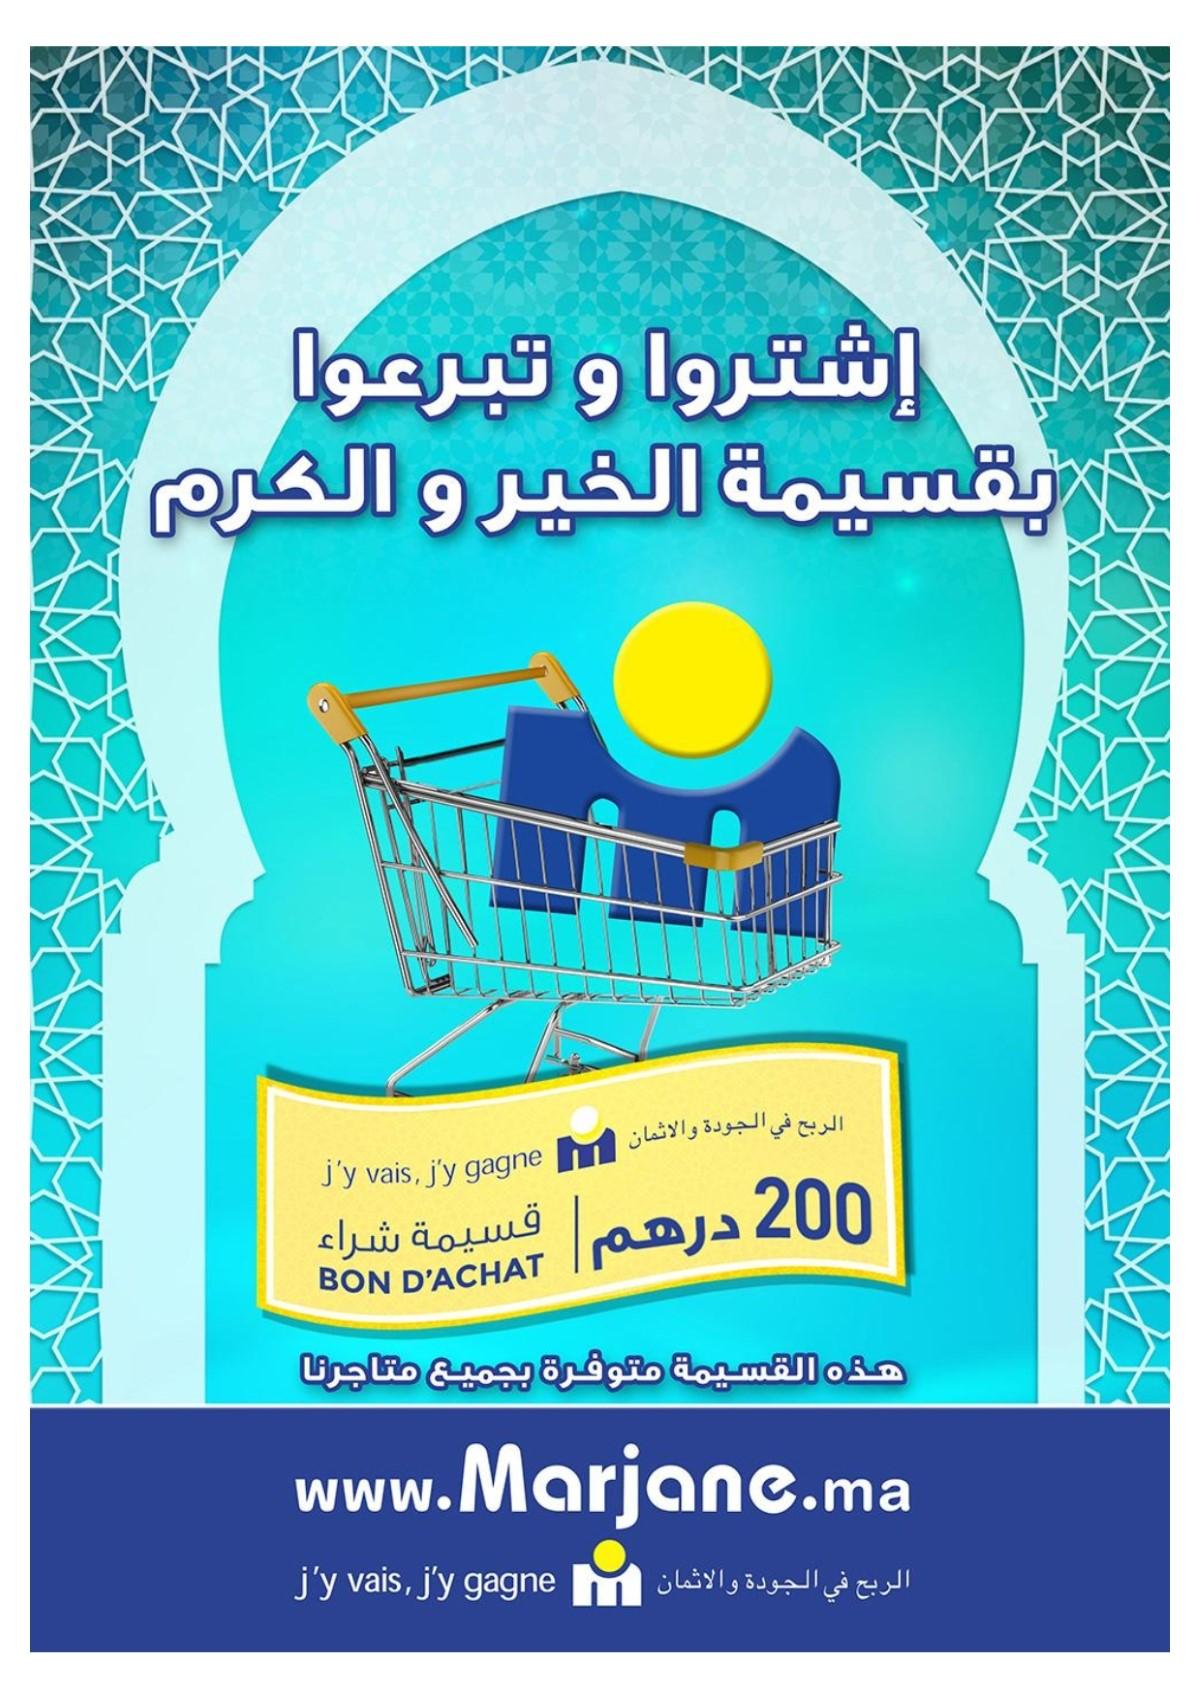 depliant_marjane_aid_adha_2016_021